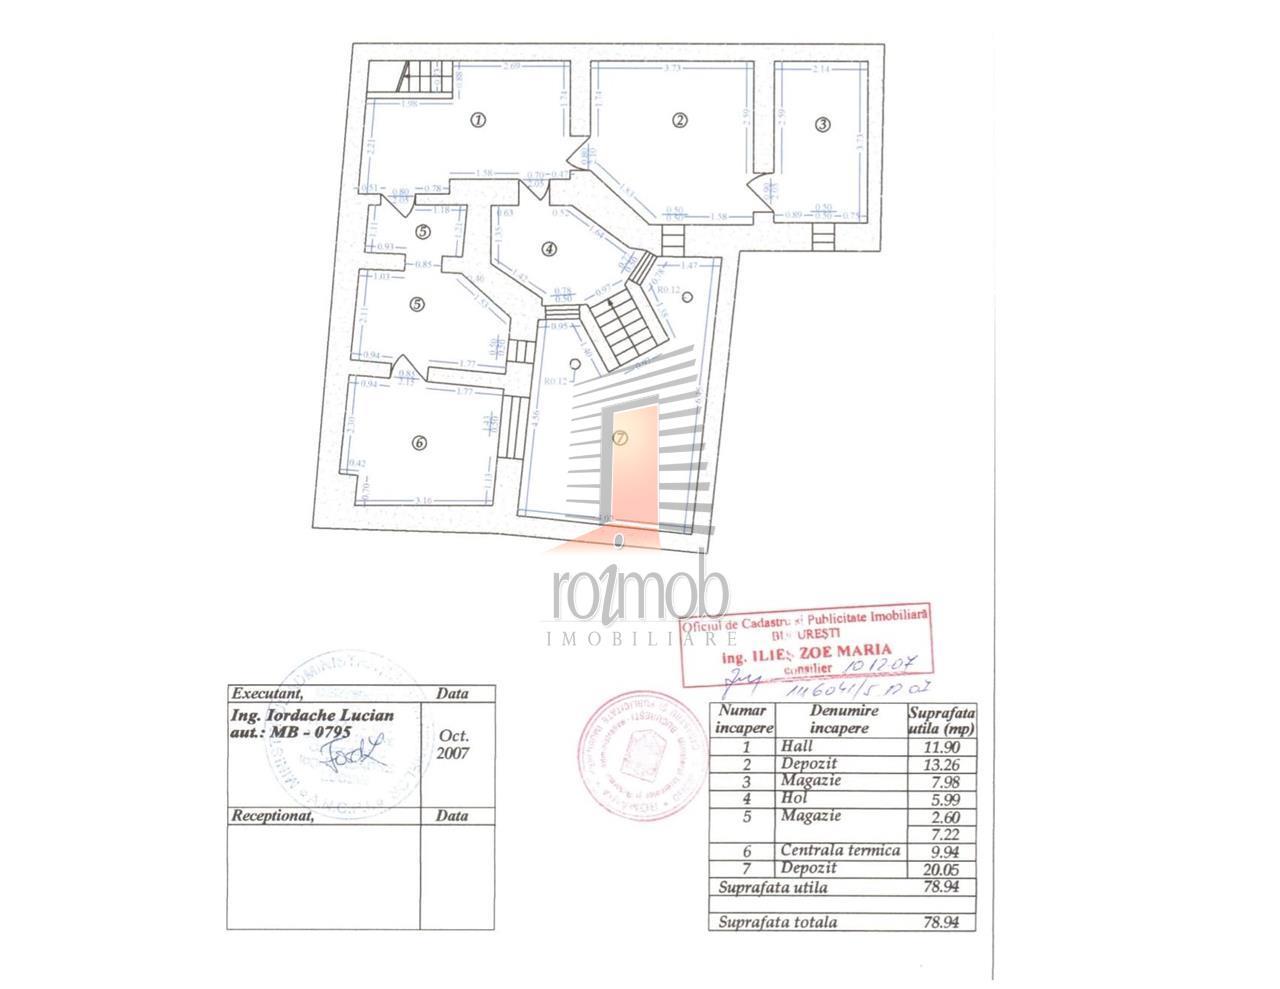 Inchiriere vila birouri, 7 camere, curte, Nicolae Titulescu